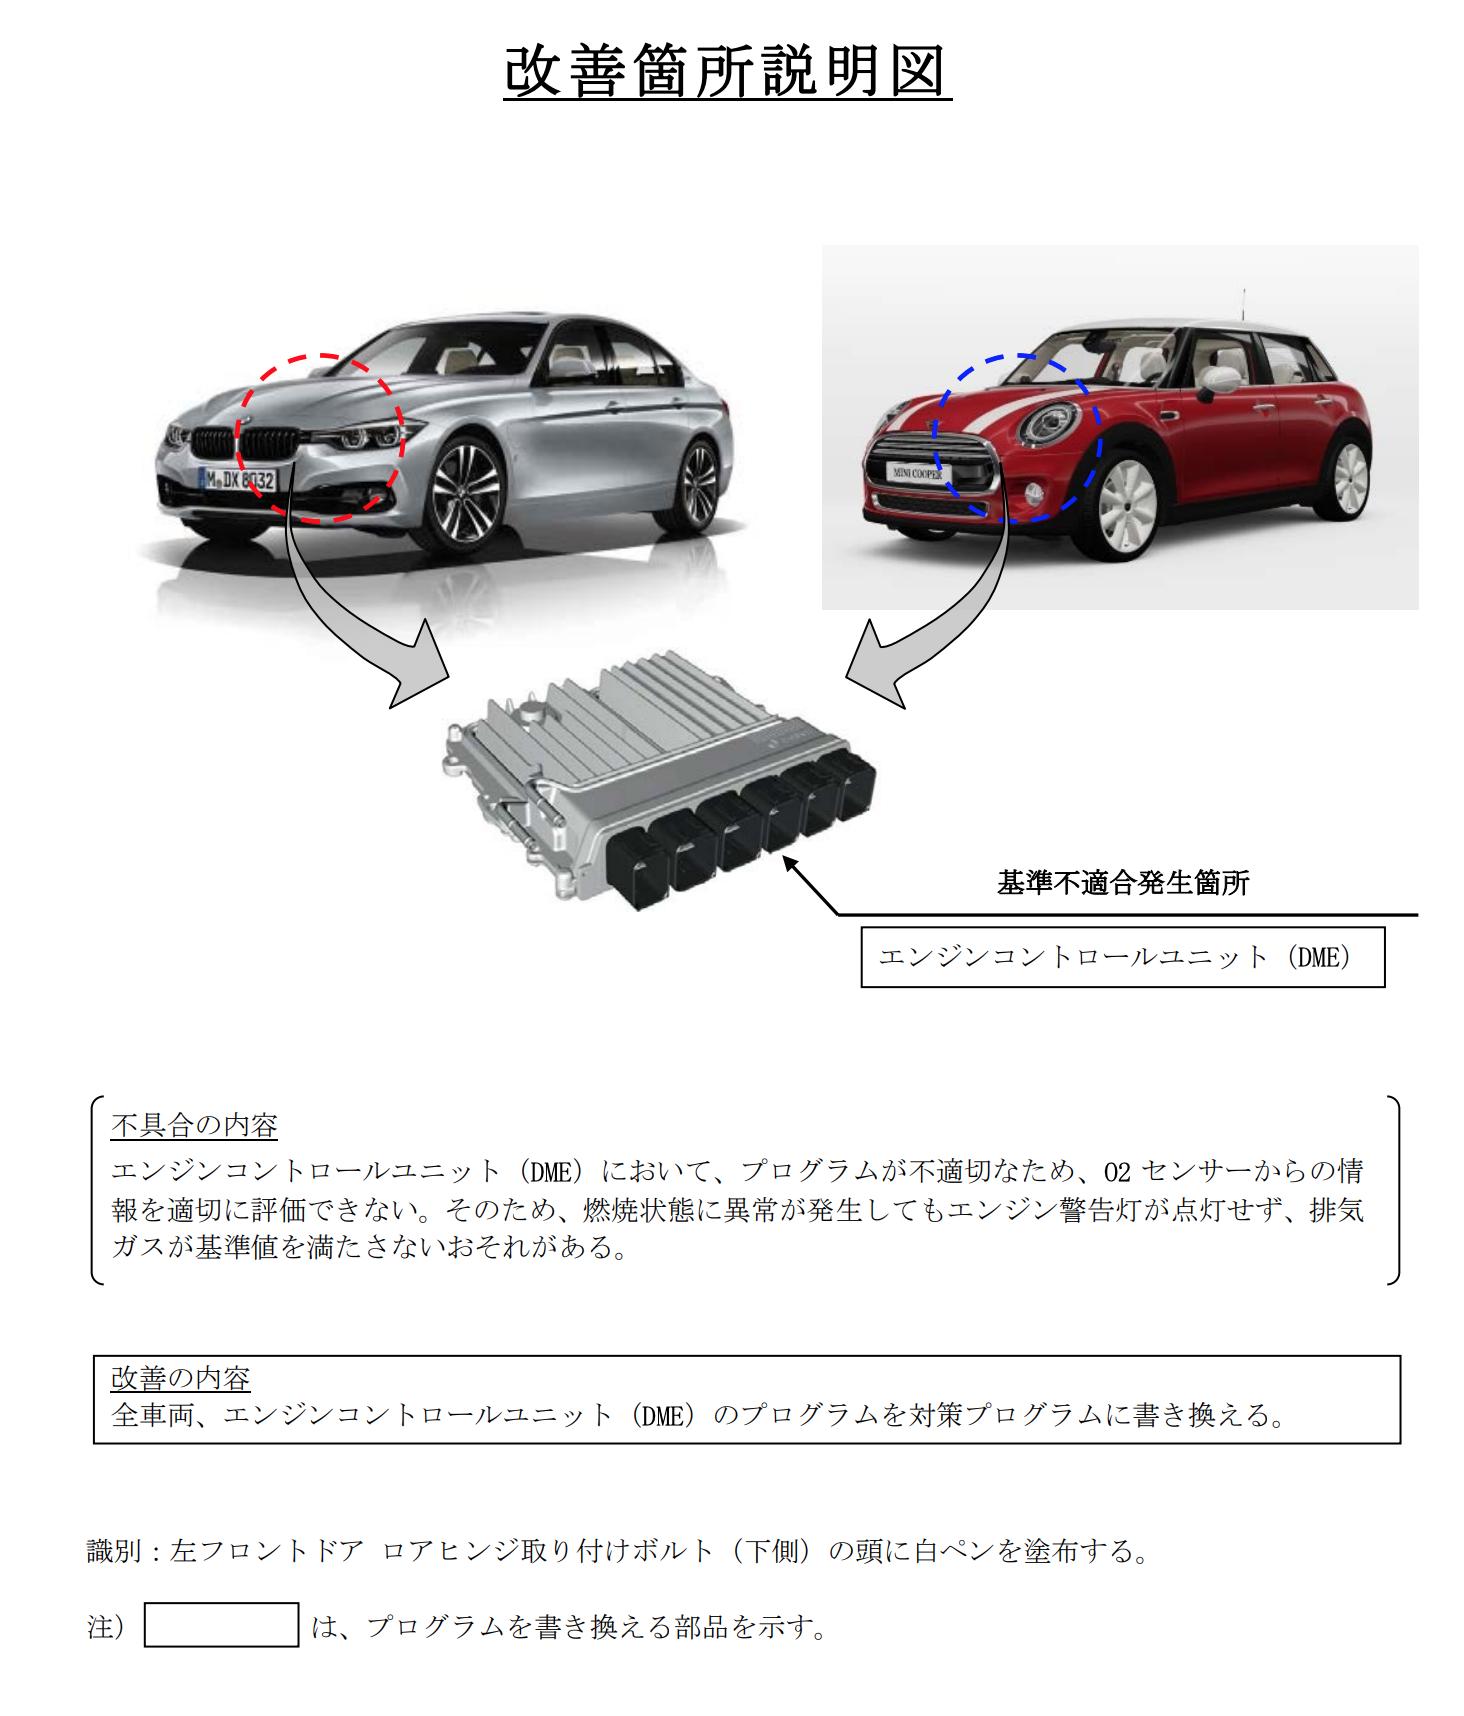 BMW1〜4シリーズ、X1,X2,MINIなど35車種1万2788台がDME不具合でリコール届出。走行に影響は?